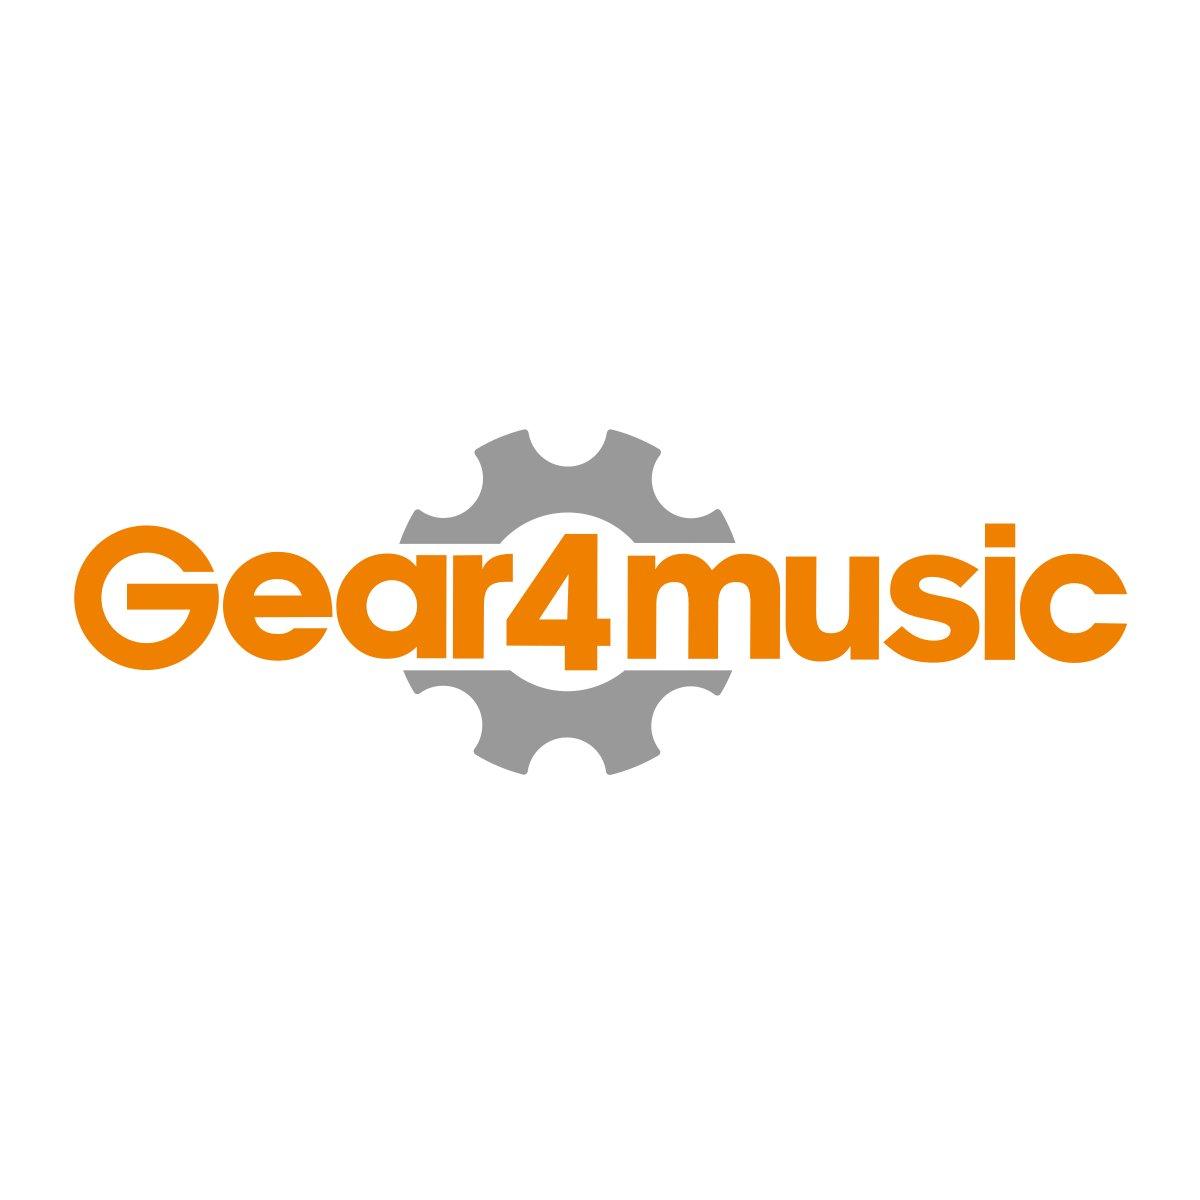 Guitarra Electro-Acústica Dreadnought Gear4music, Preto + Amplificador de 15W